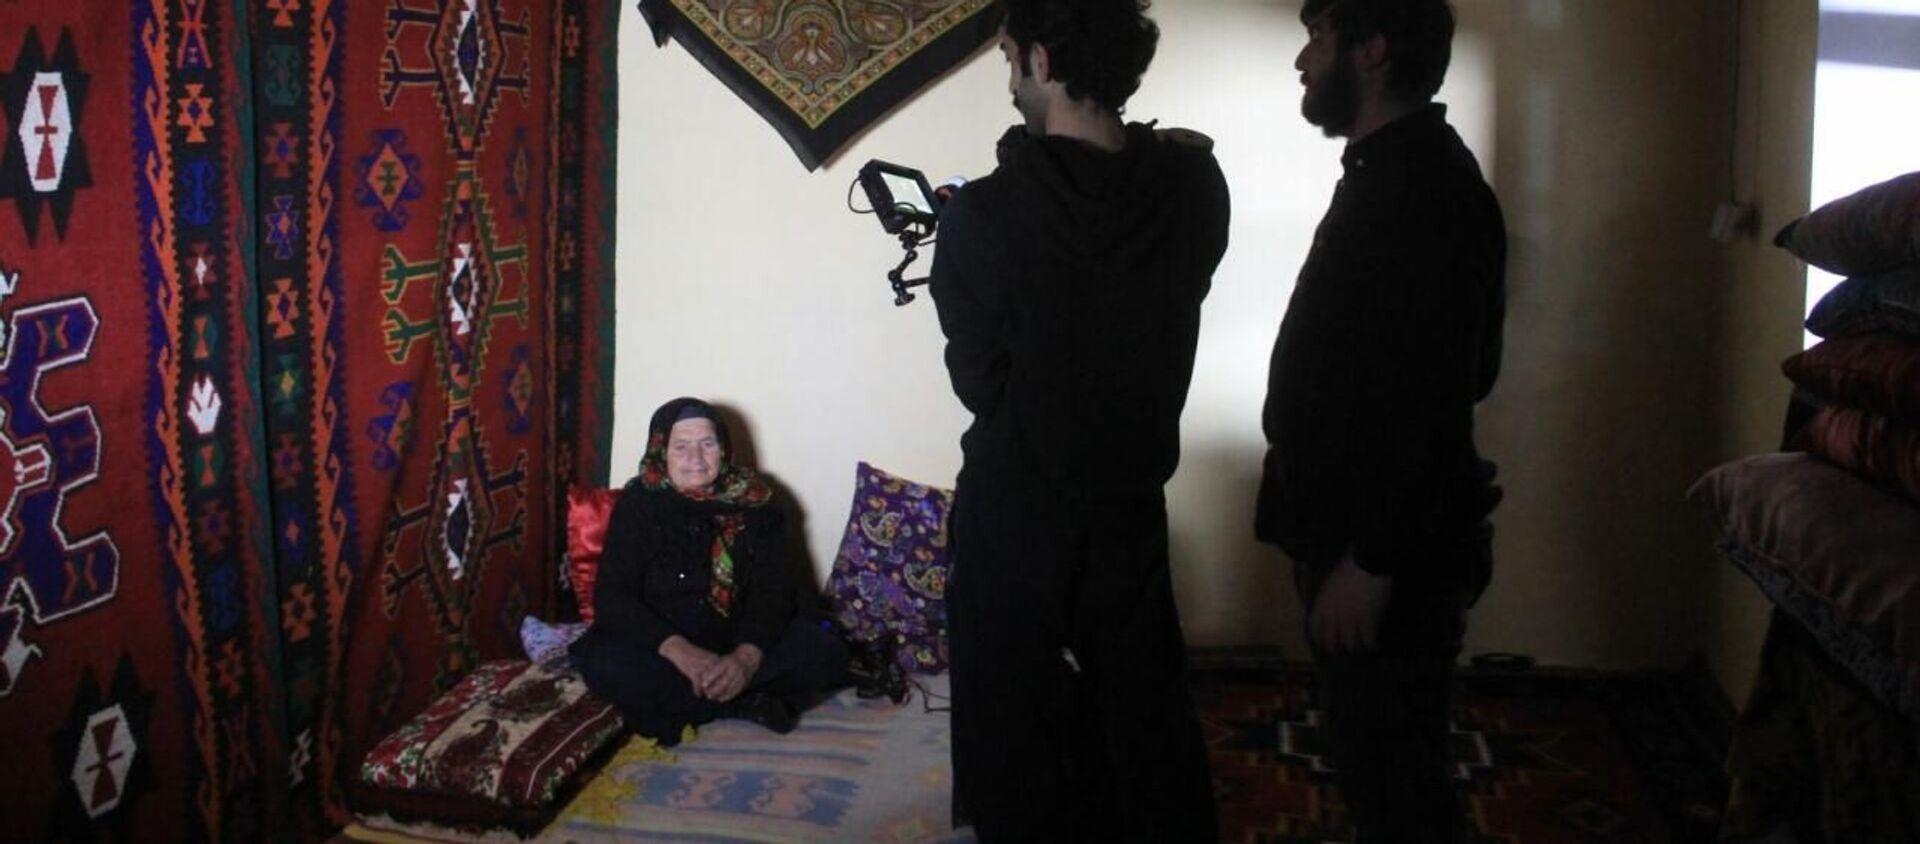 Азербайджанский режиссер Нихад Иса снимает документальный фильм Tərəkəmə qadın (Женщина-кочевница) о жизни 76-летней уникальной женщине Абиде Муршудовой - Sputnik Азербайджан, 1920, 14.04.2021